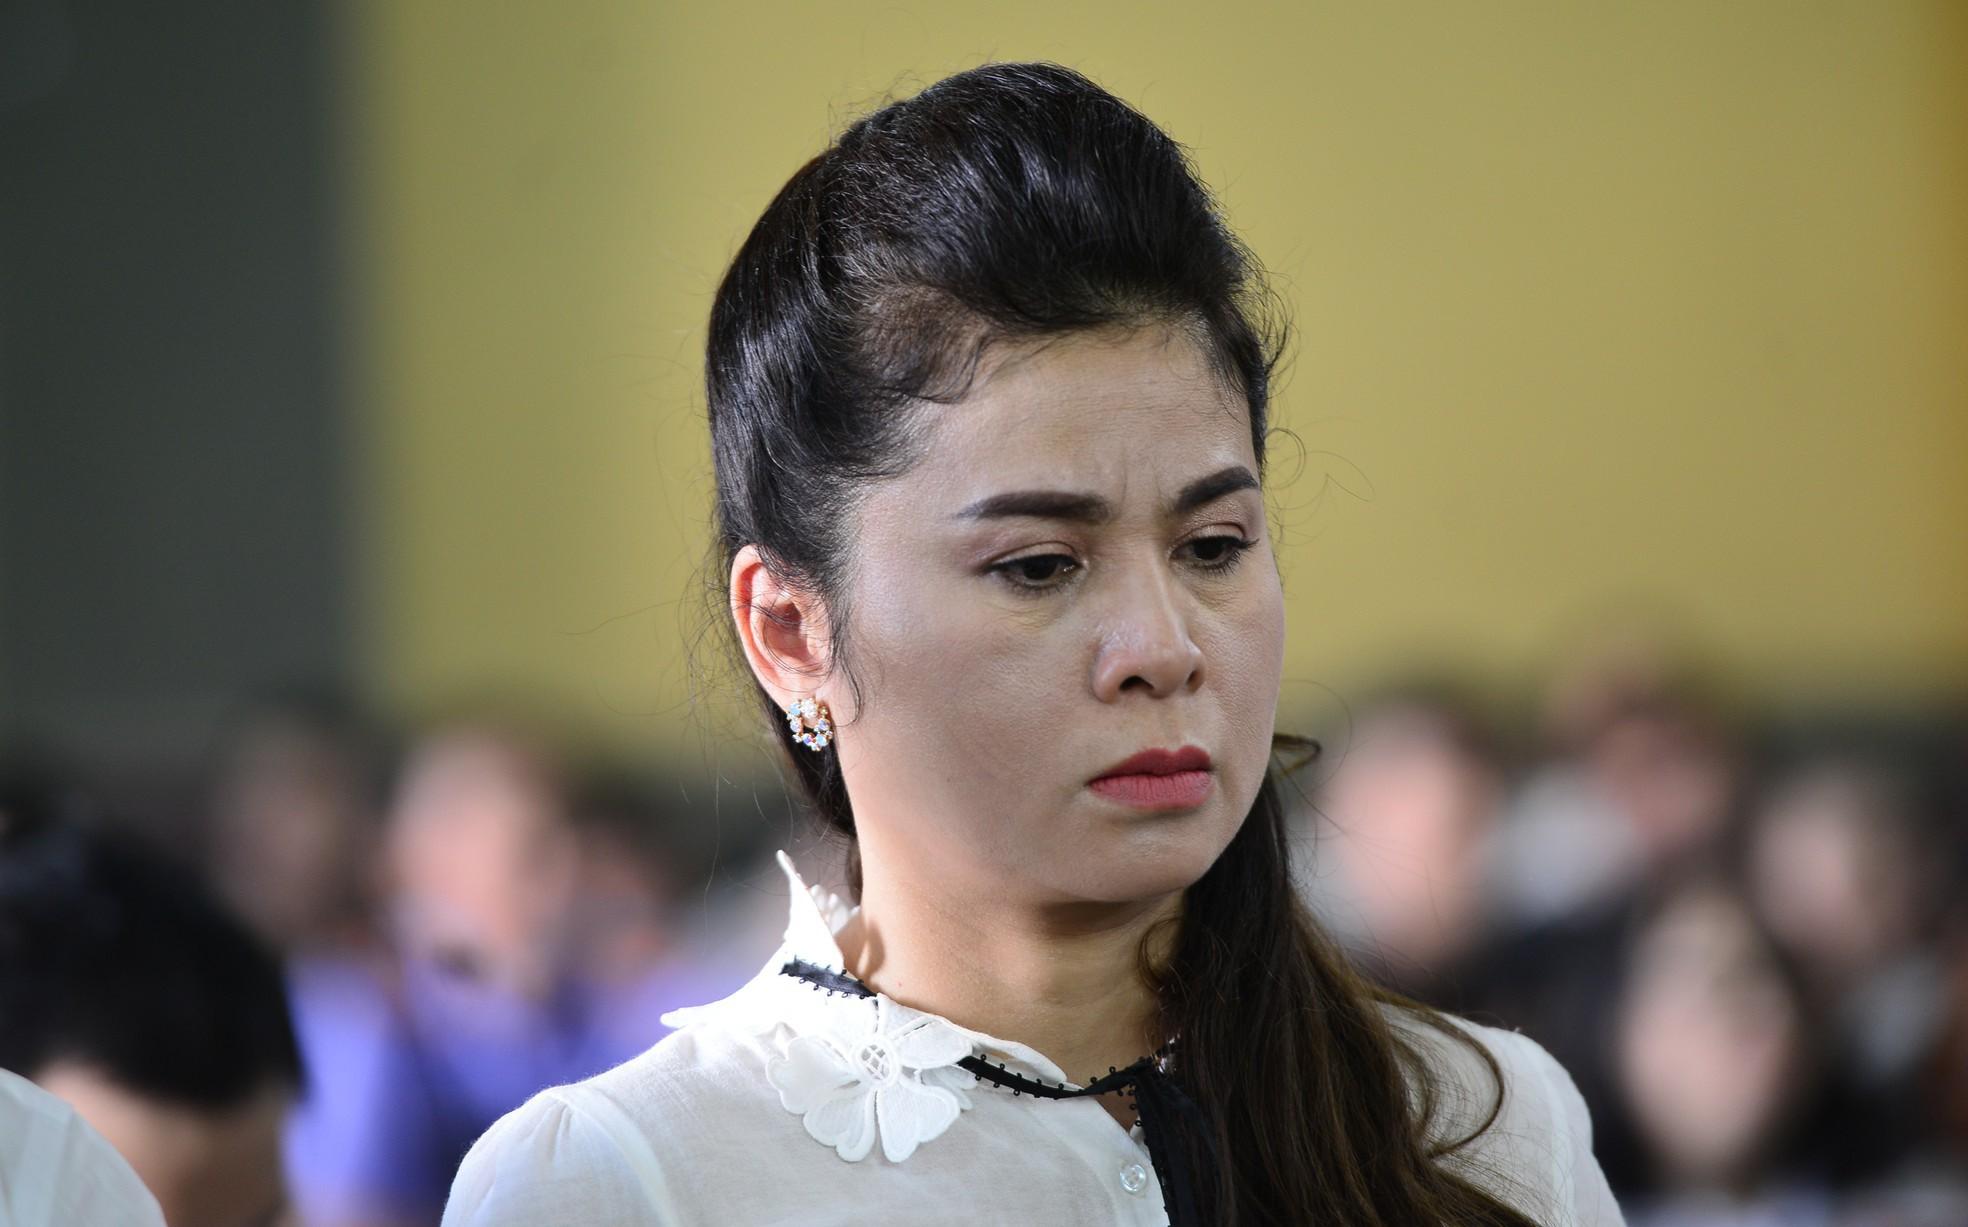 Vụ li hôn của vợ chồng 'vua' cà phê Trung Nguyên: Tòa tuyên bà Thảo giao cổ phần, nhận 'tiền thối' đúng không?